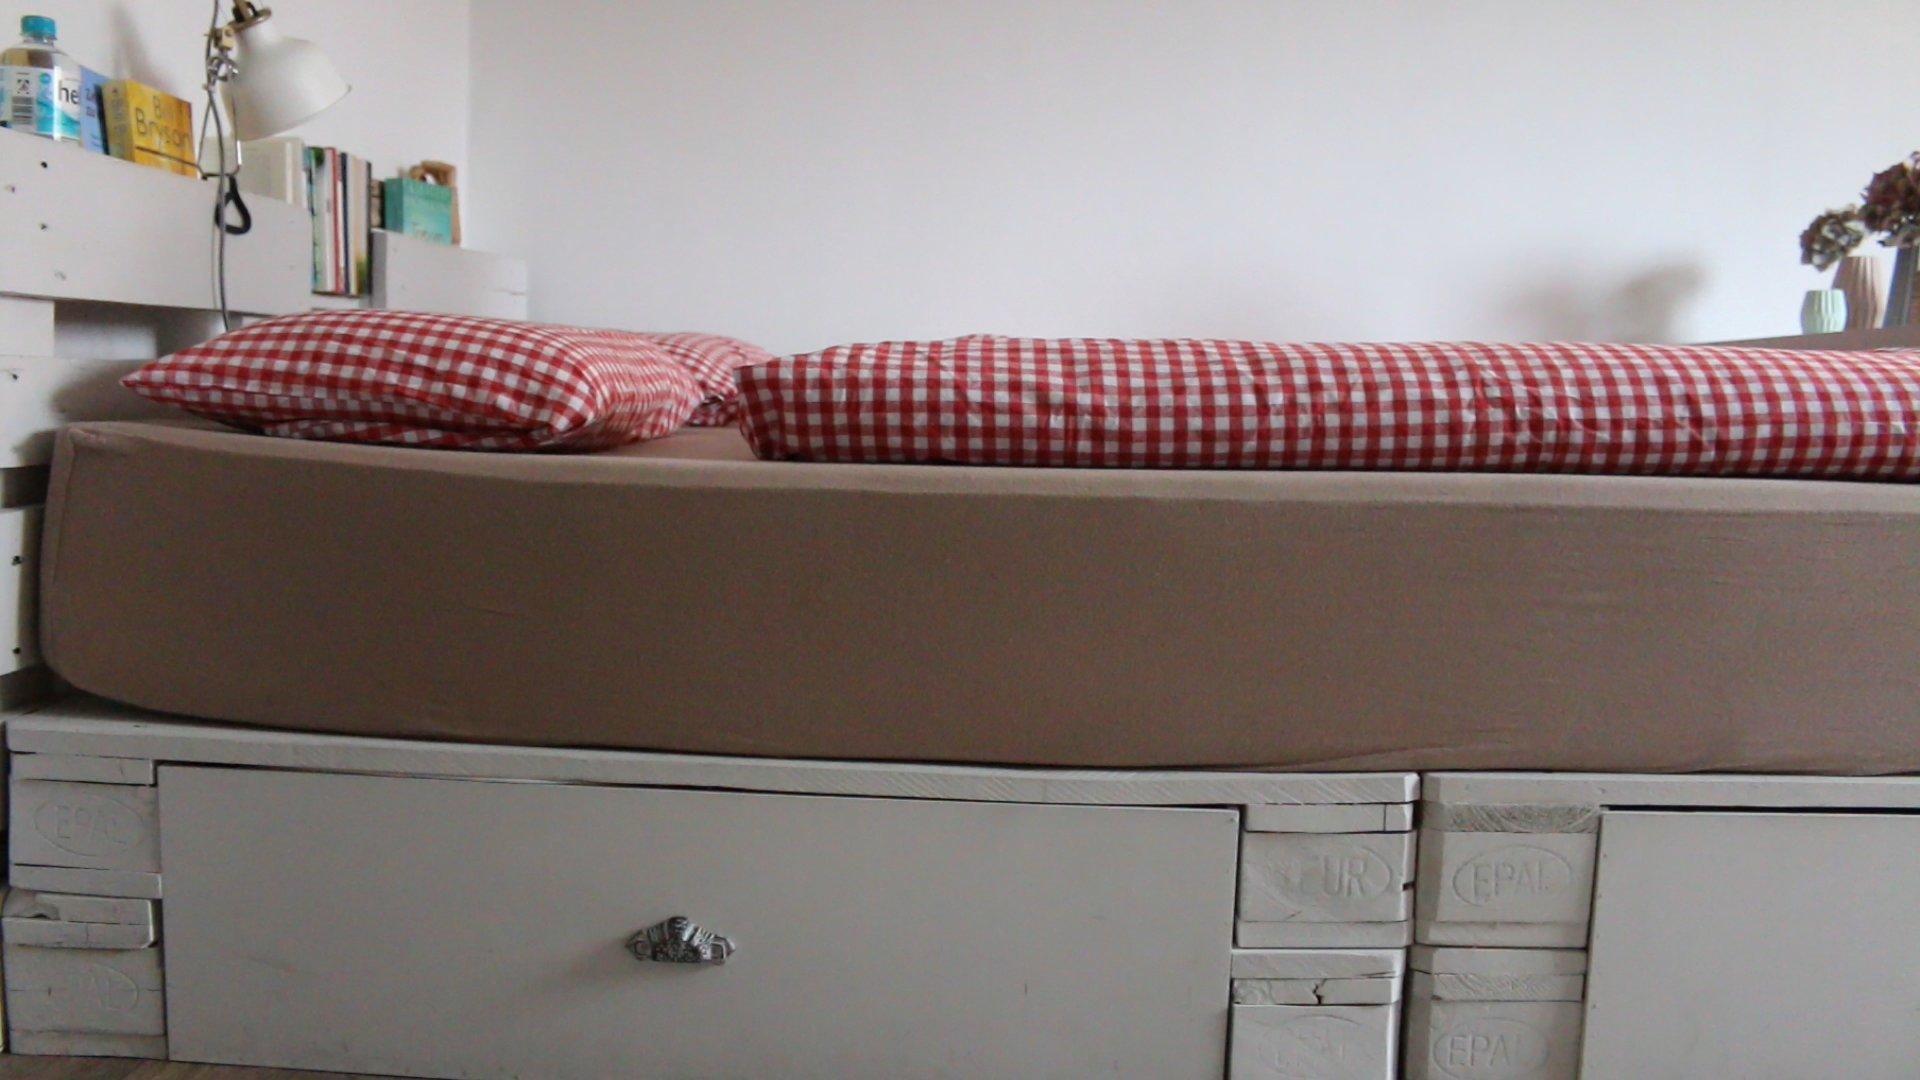 Full Size of Palettenbett Bauen Selber Kaufen Europaletten Betten Fenster Einbauen Einbauküche Neue Küche Regale Velux Bodengleiche Dusche Nachträglich Kosten Rolladen Wohnzimmer Palettenbett Bauen